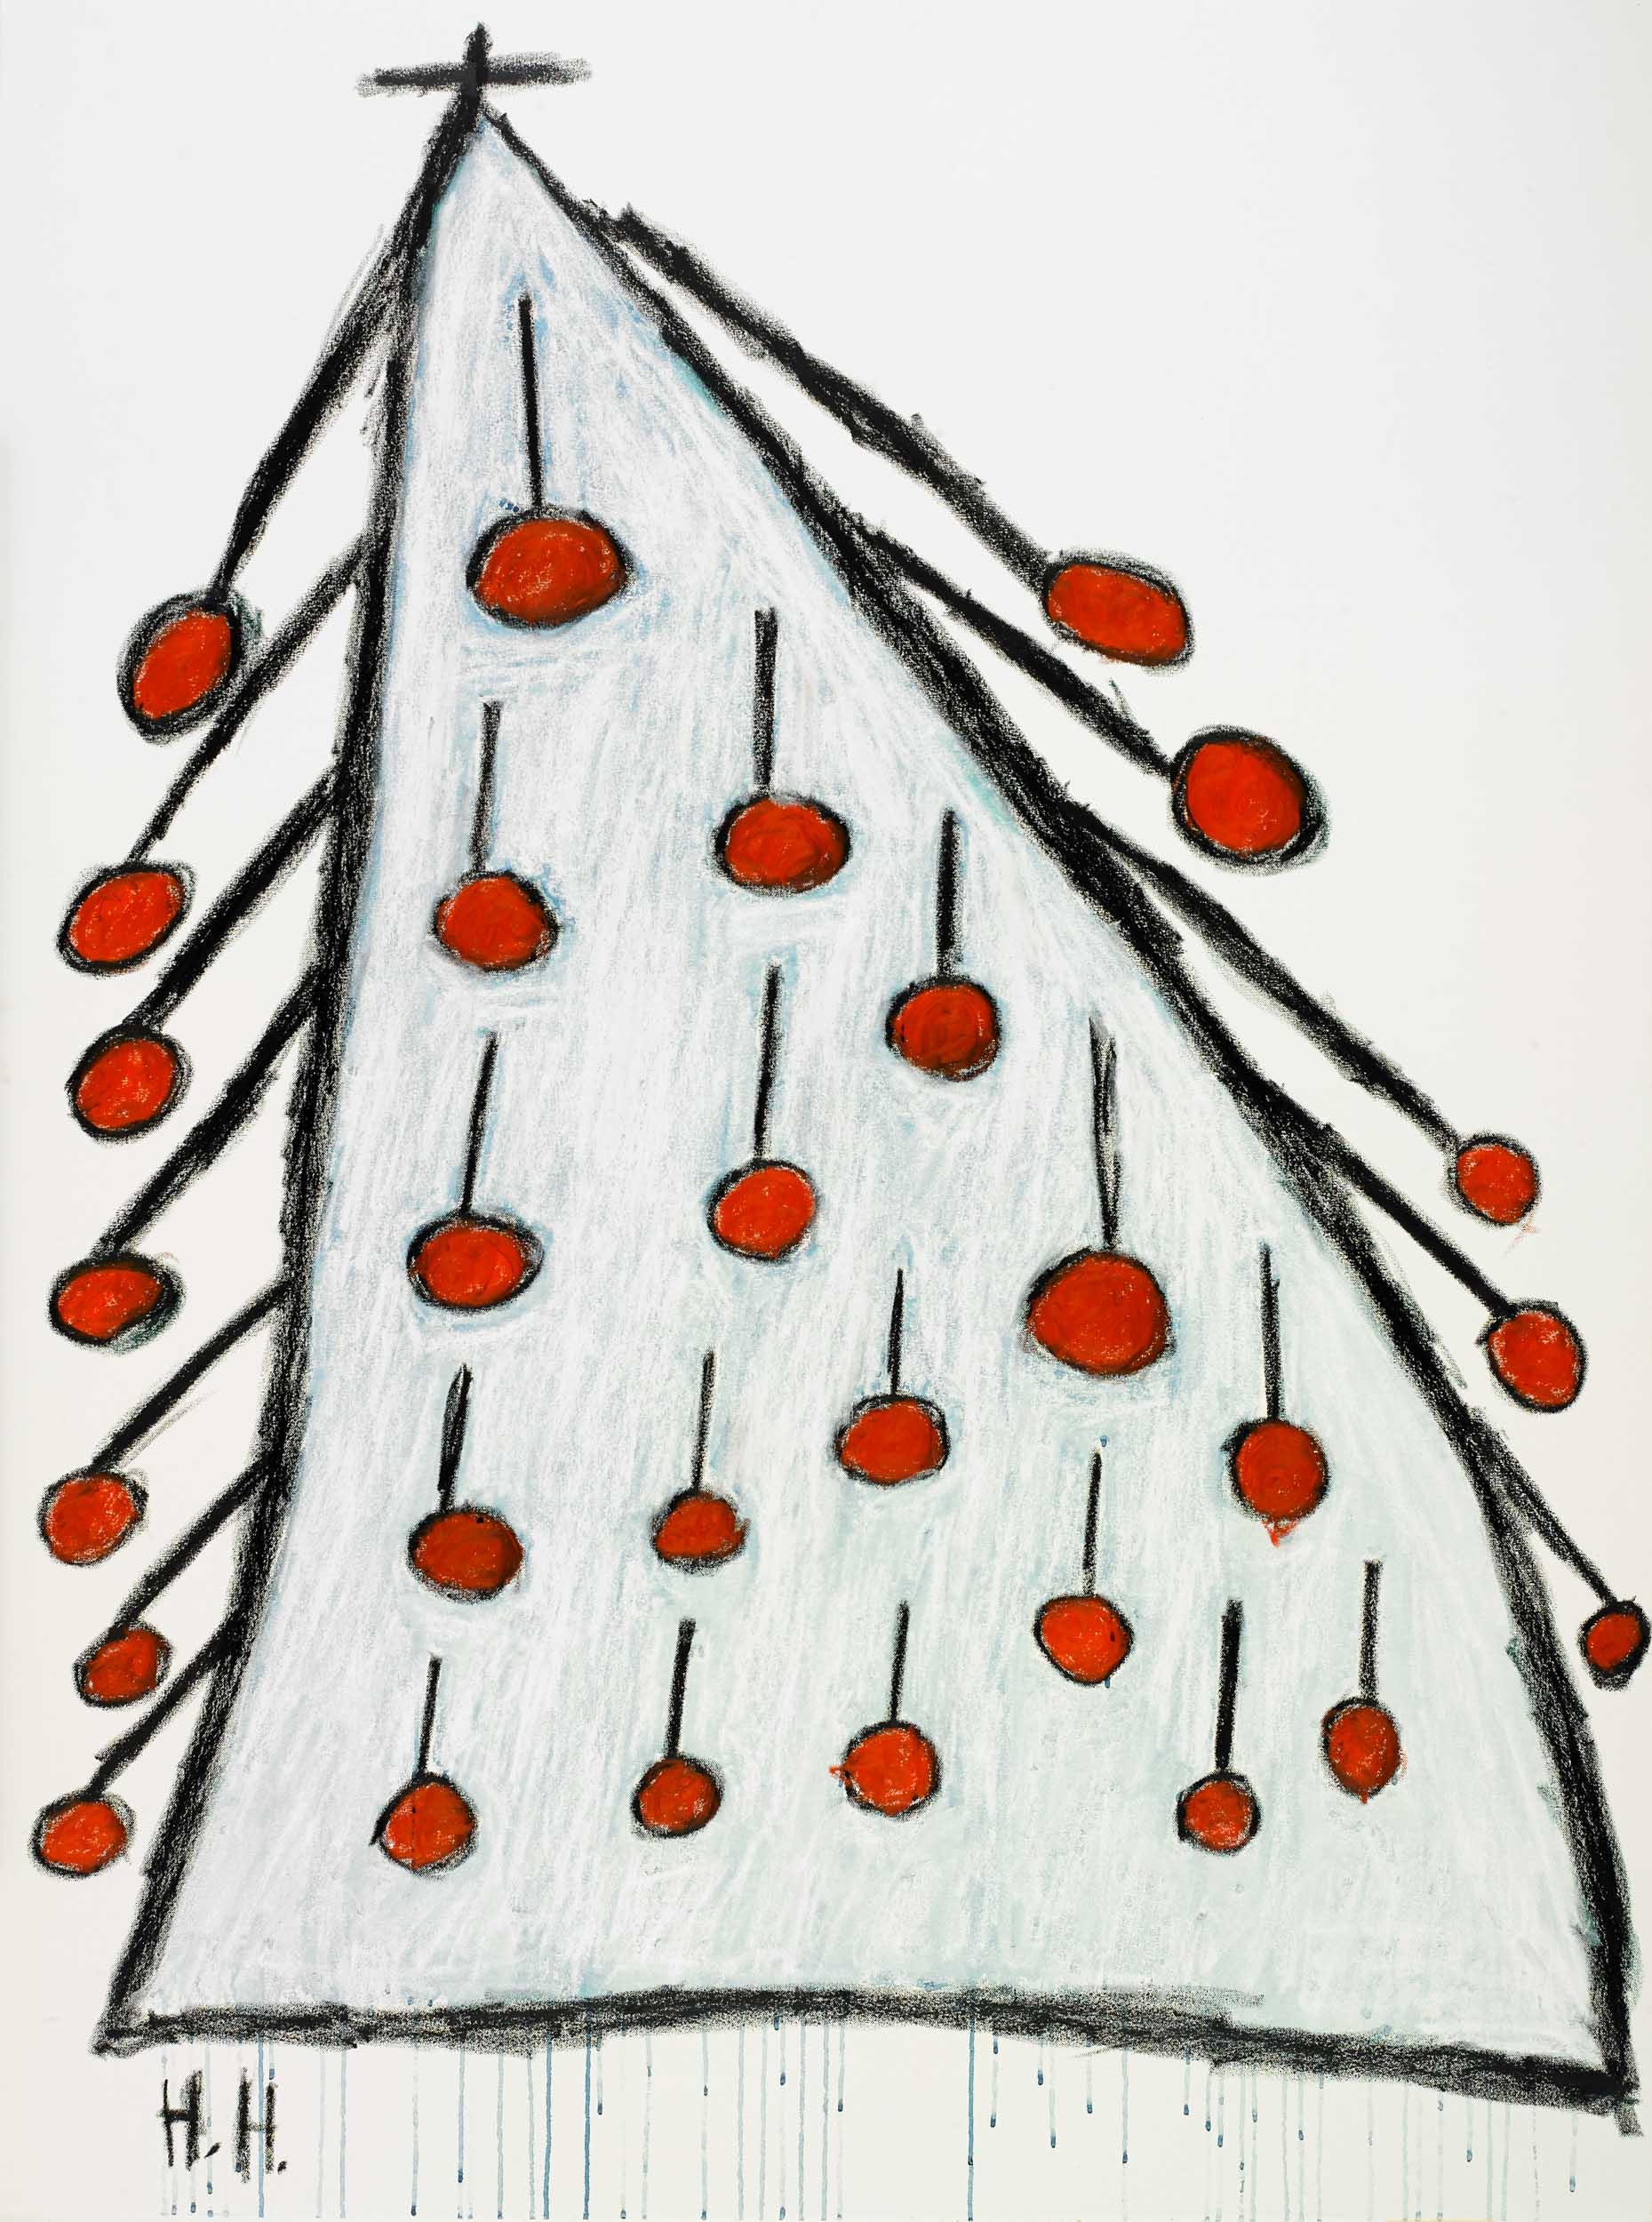 hladisch helmut - Orangenbaum / Orange tree